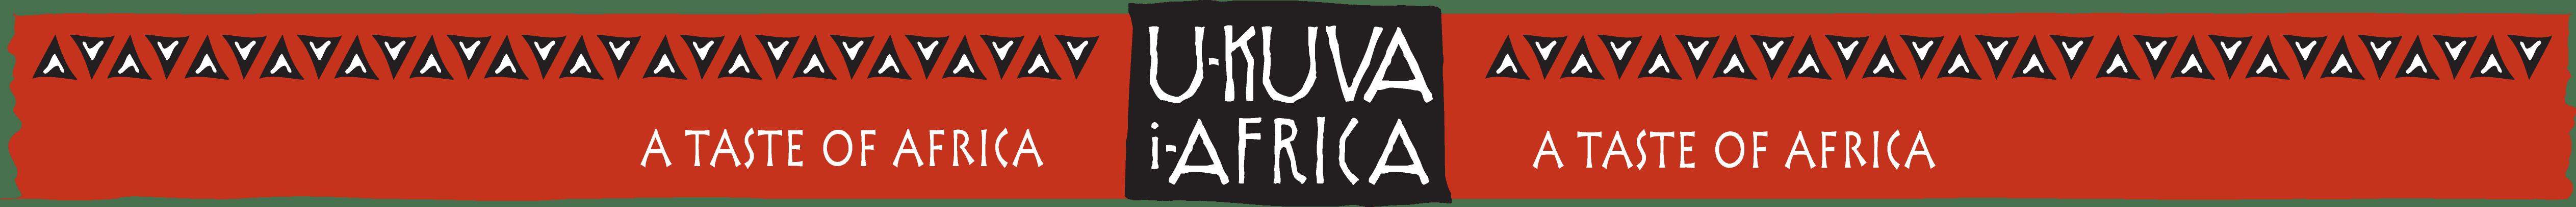 Ukuva iAfrica Afrikansische Gewürze und Saucen